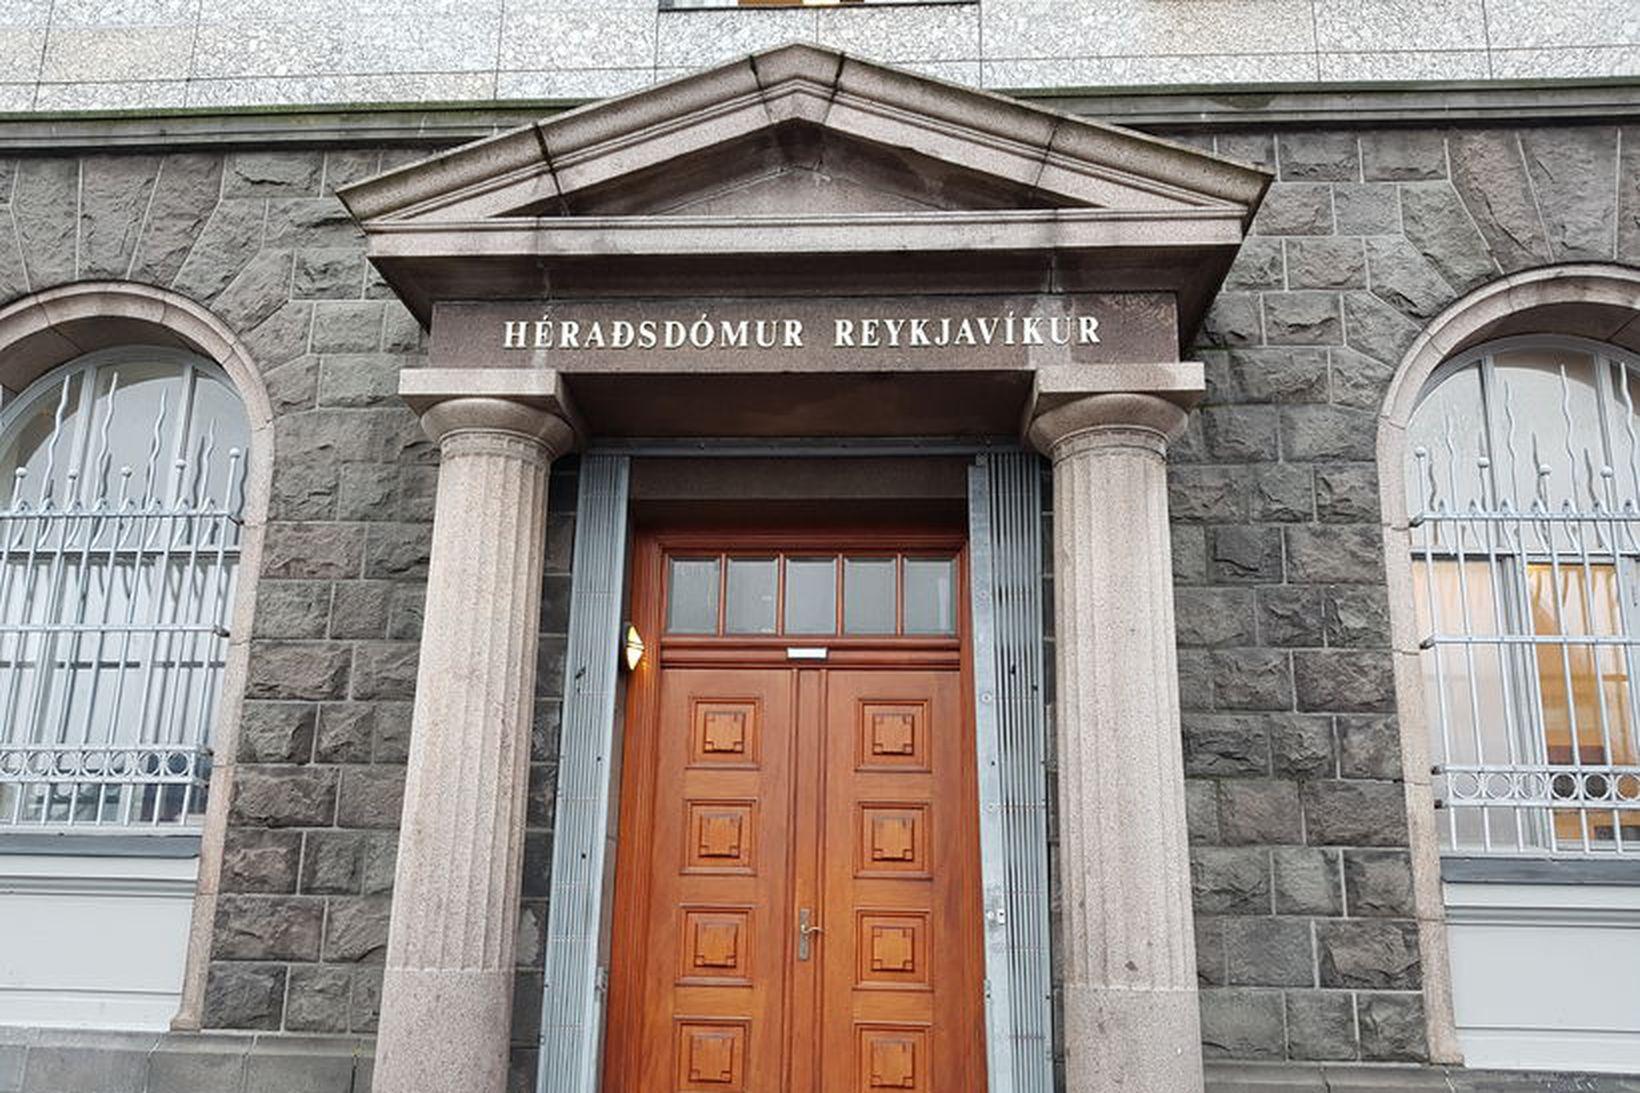 Héraðsdómur Reykjavíkur.